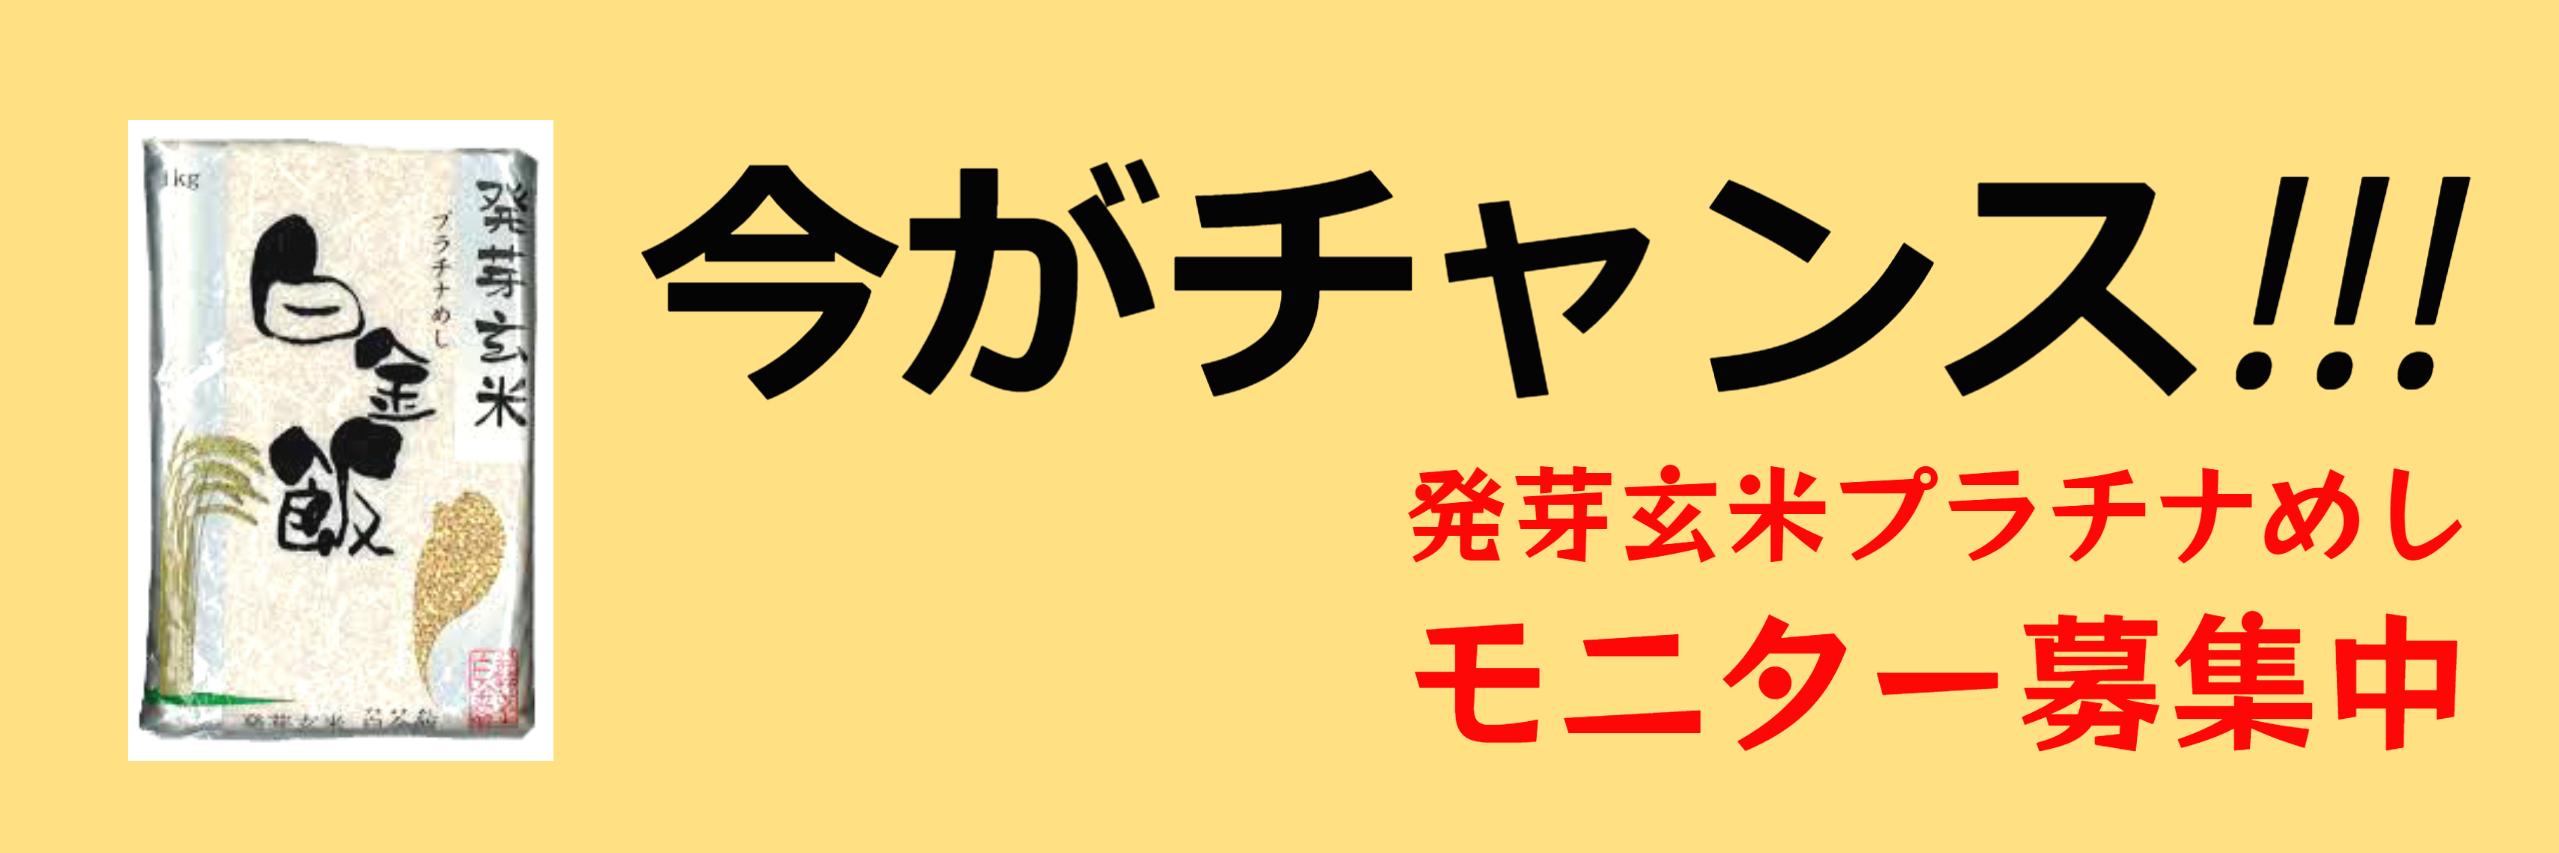 発芽玄米プラチナメシ モニター募集